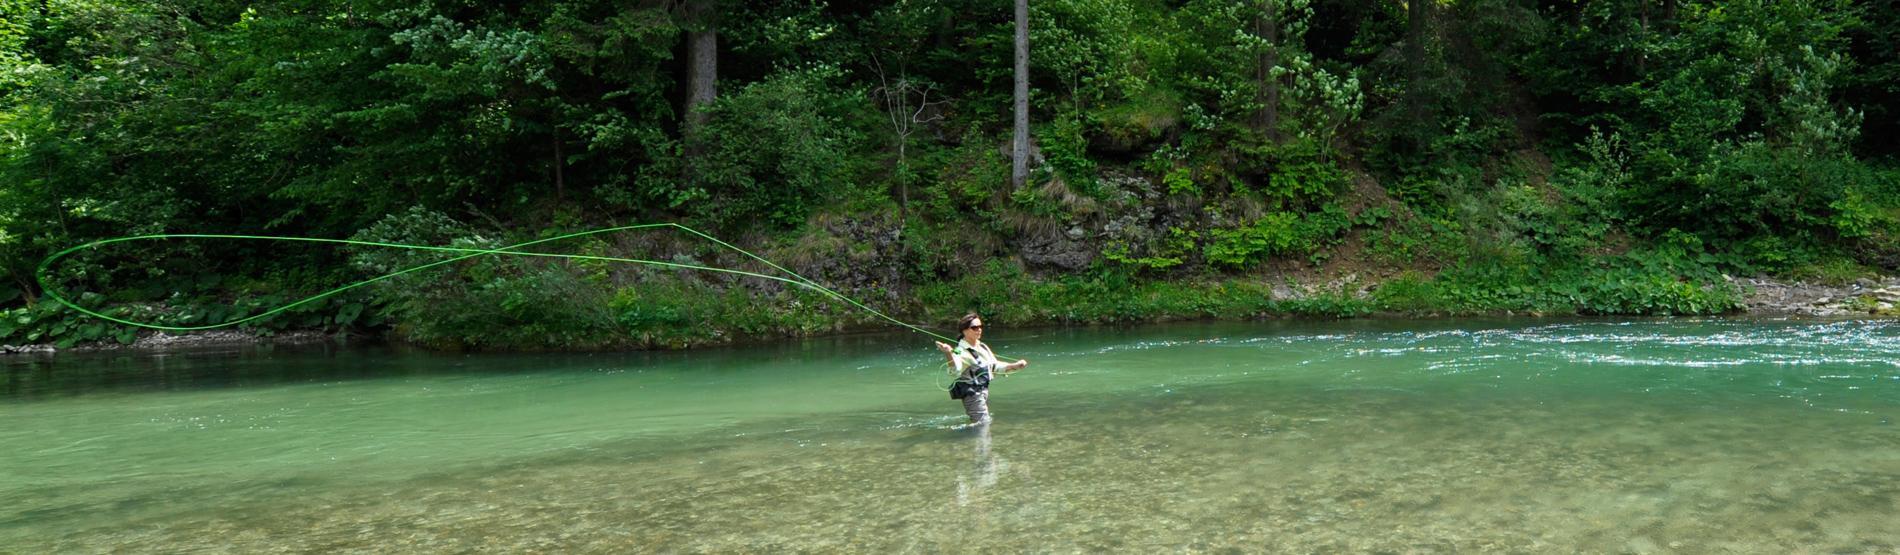 Welches Gerät zum Fliegenfischen in Slowenien